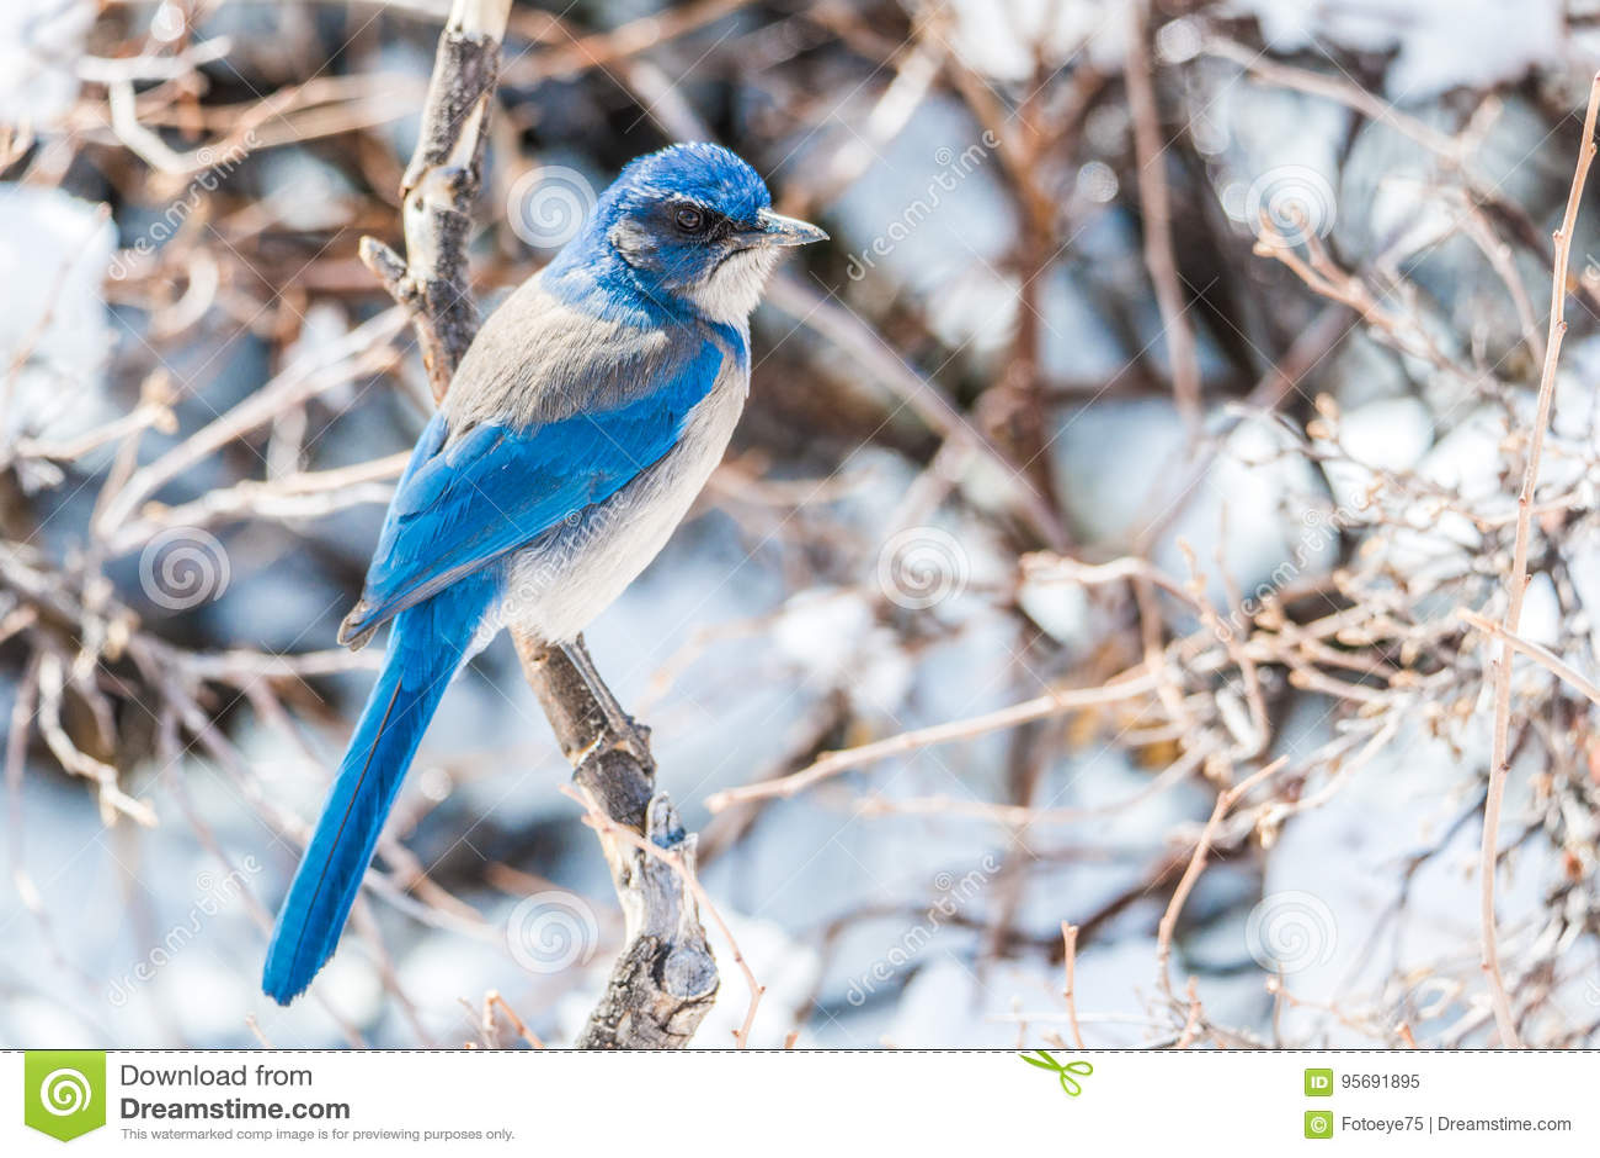 De fotografie van de de wintervogel - blauwe vogel op sneeuw behandelde struikboom